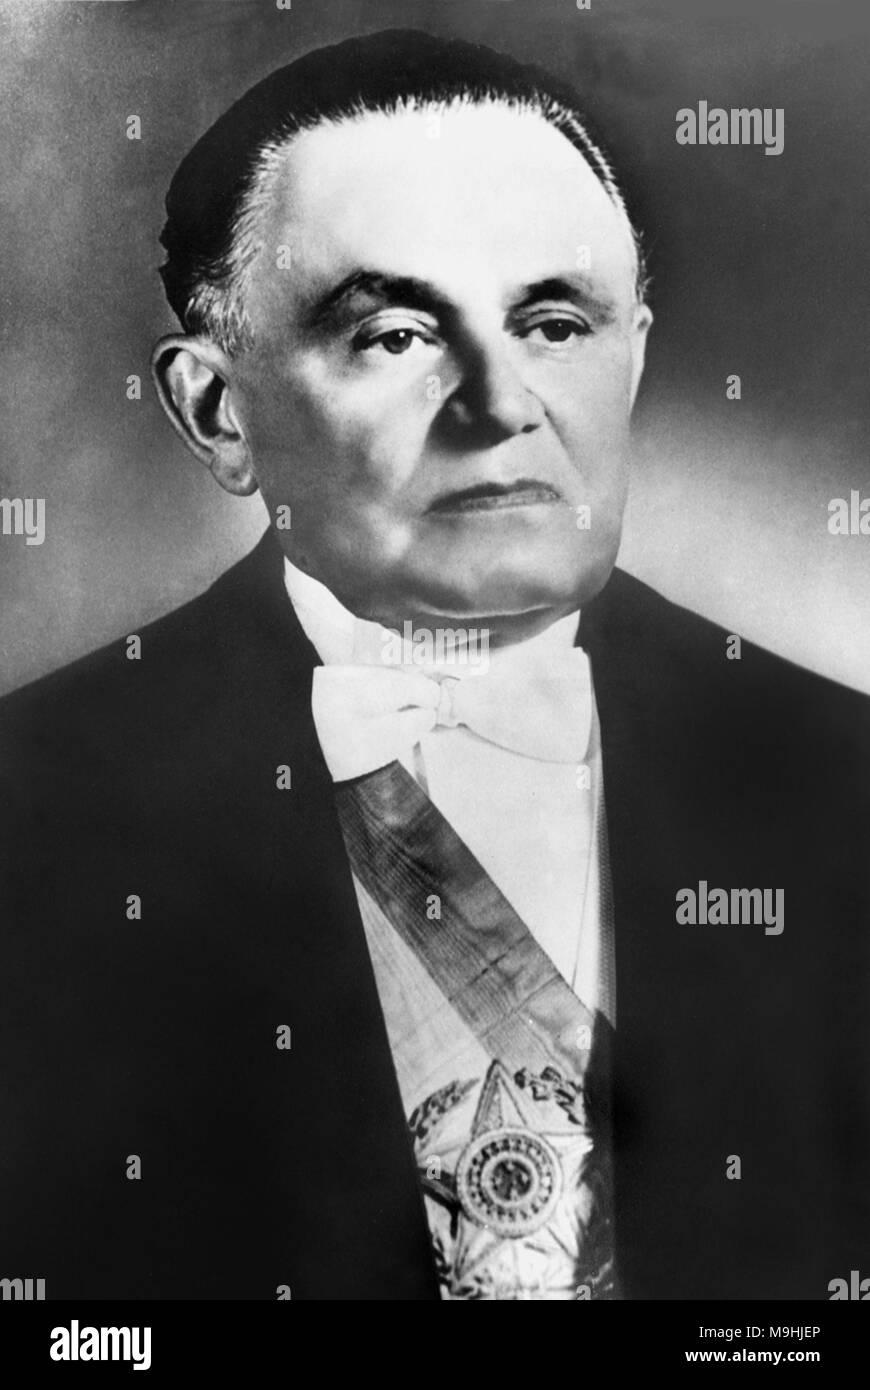 Humberto de Alencar Castelo Branco (1897 - 1967) brasiliana leader militare e politico. Ha servito come Presidente del brasiliano di governo militare dopo il 1964 colpo di stato militare. Foto Stock